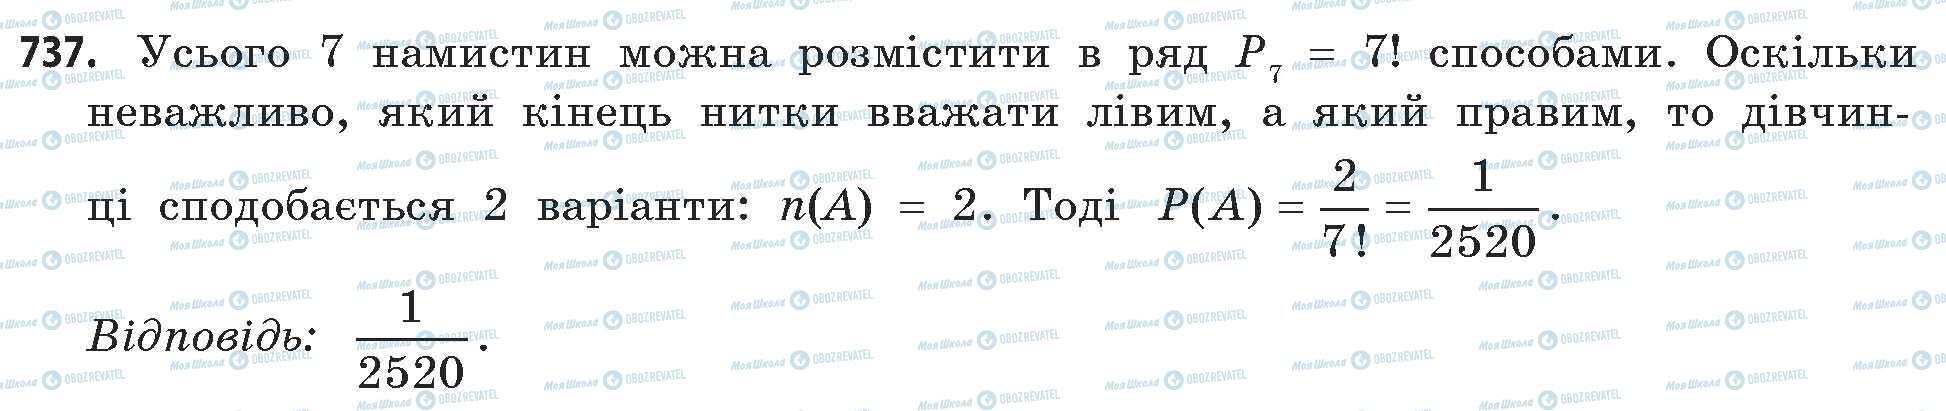 ГДЗ Математика 11 класс страница 737